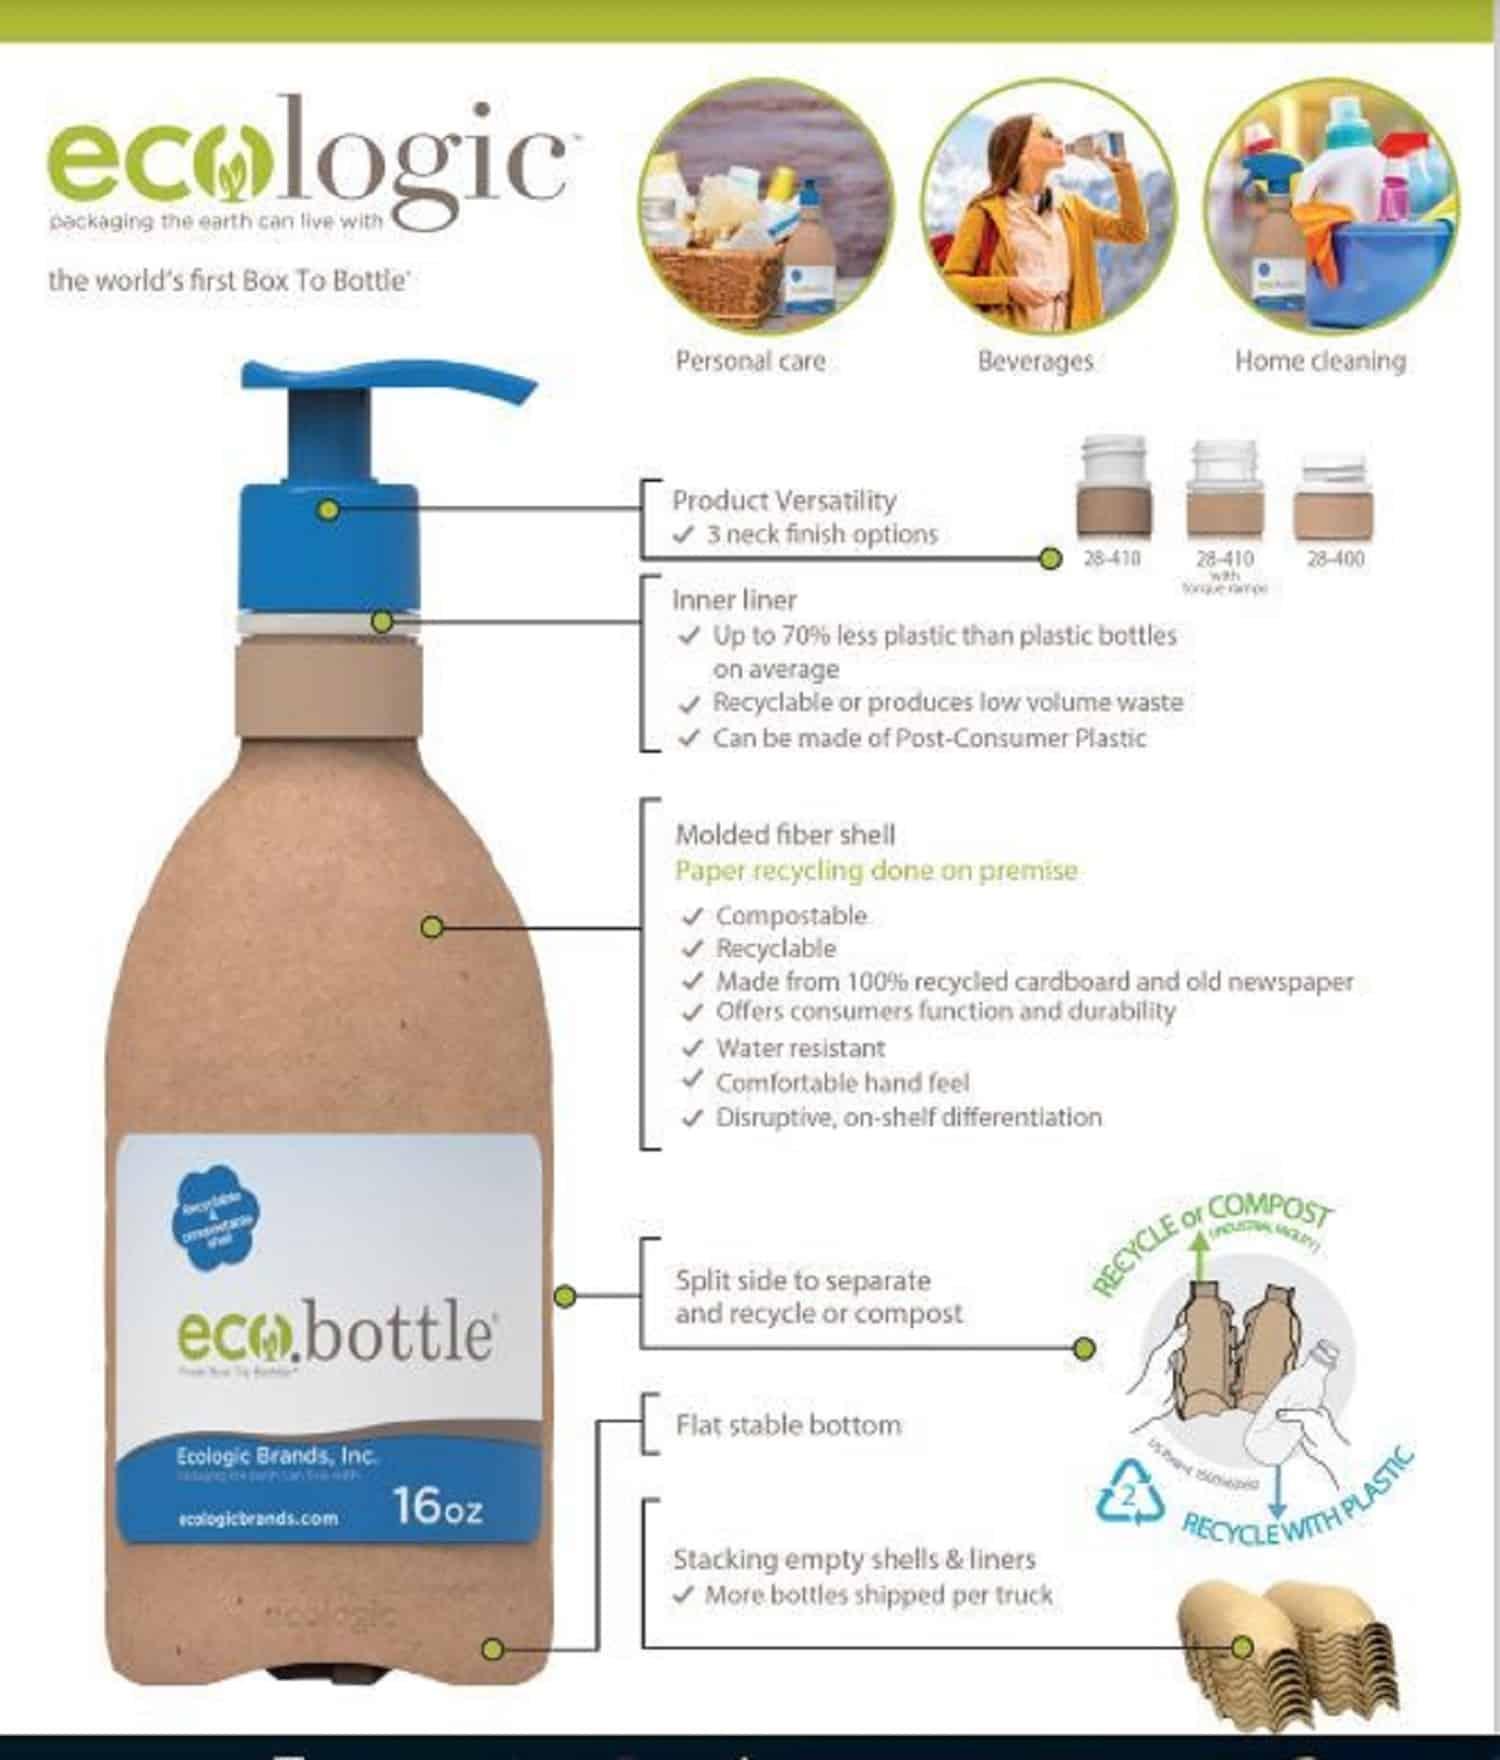 Ecologic bottle